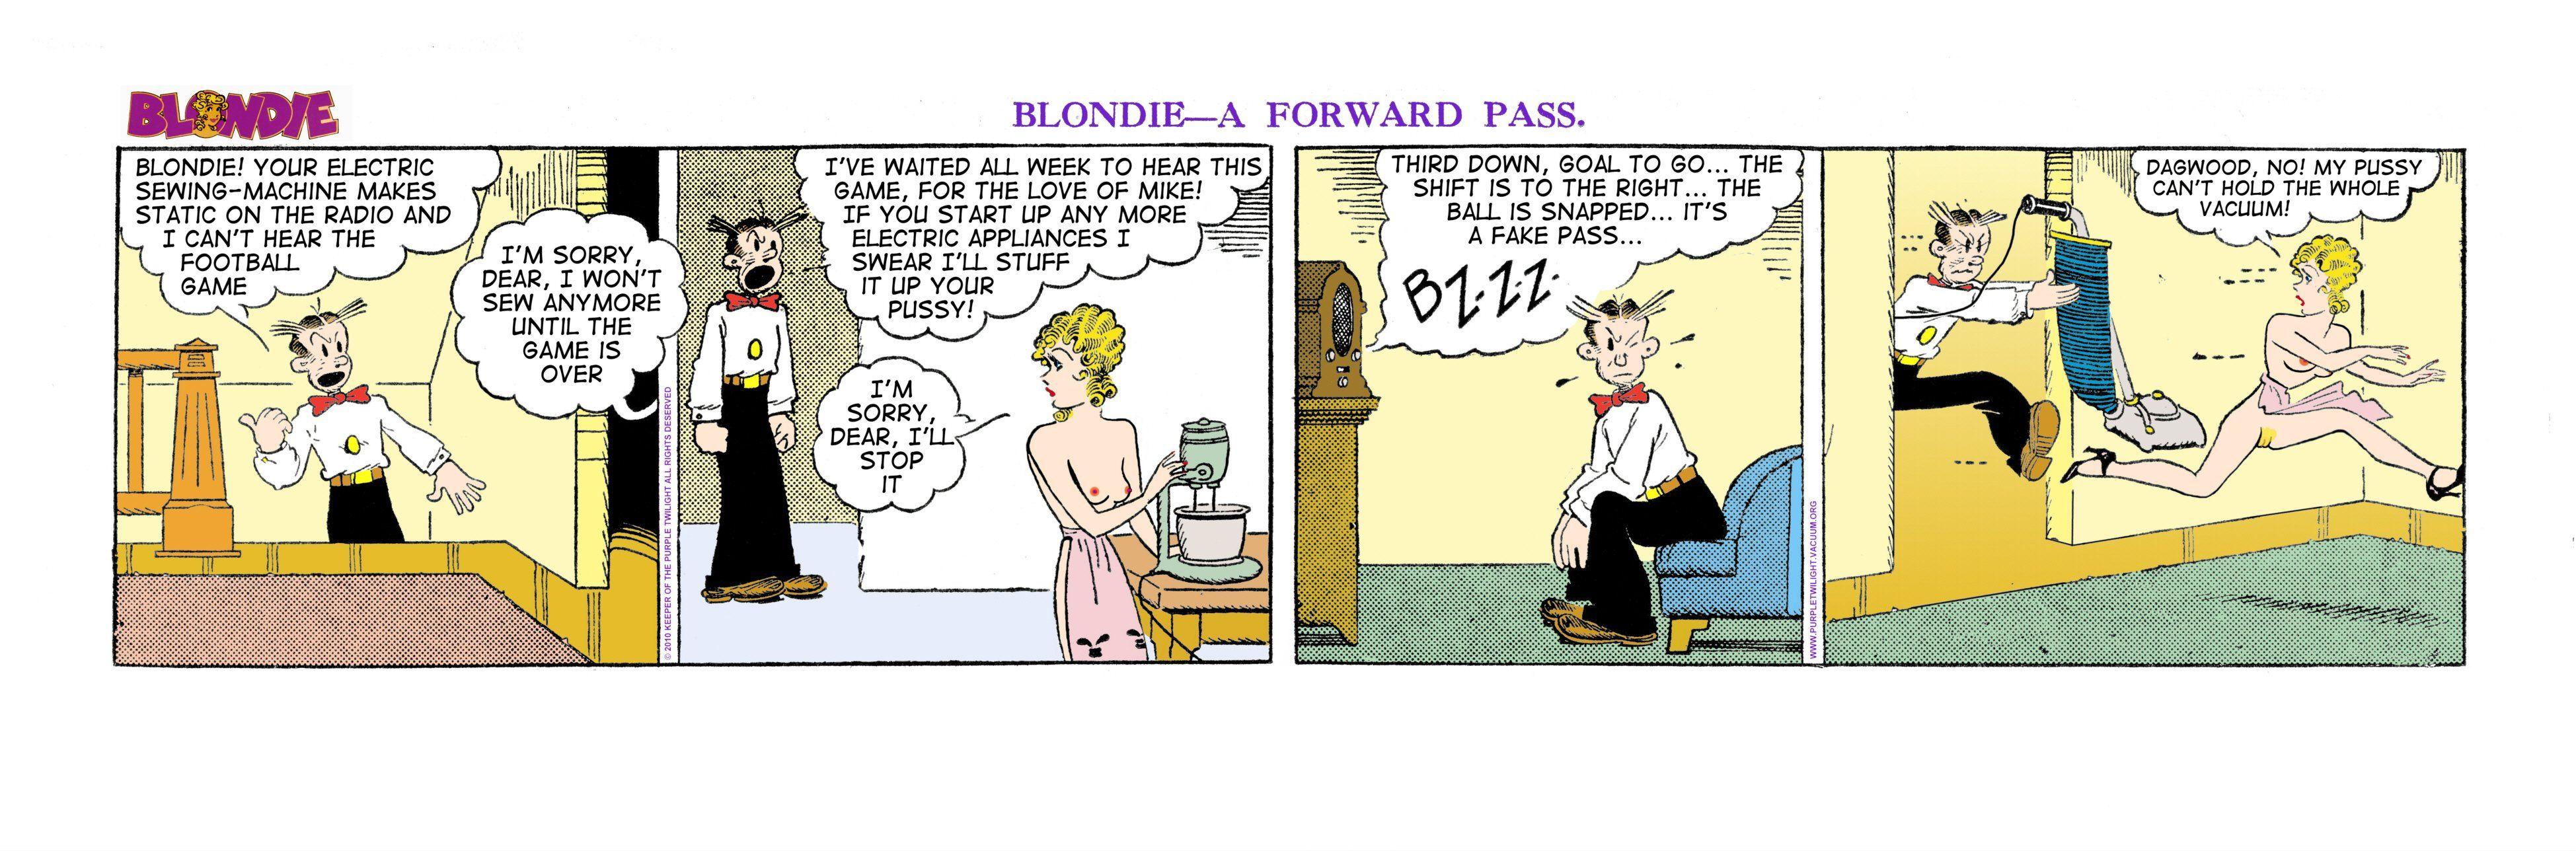 dagwood und blondie comics xxx